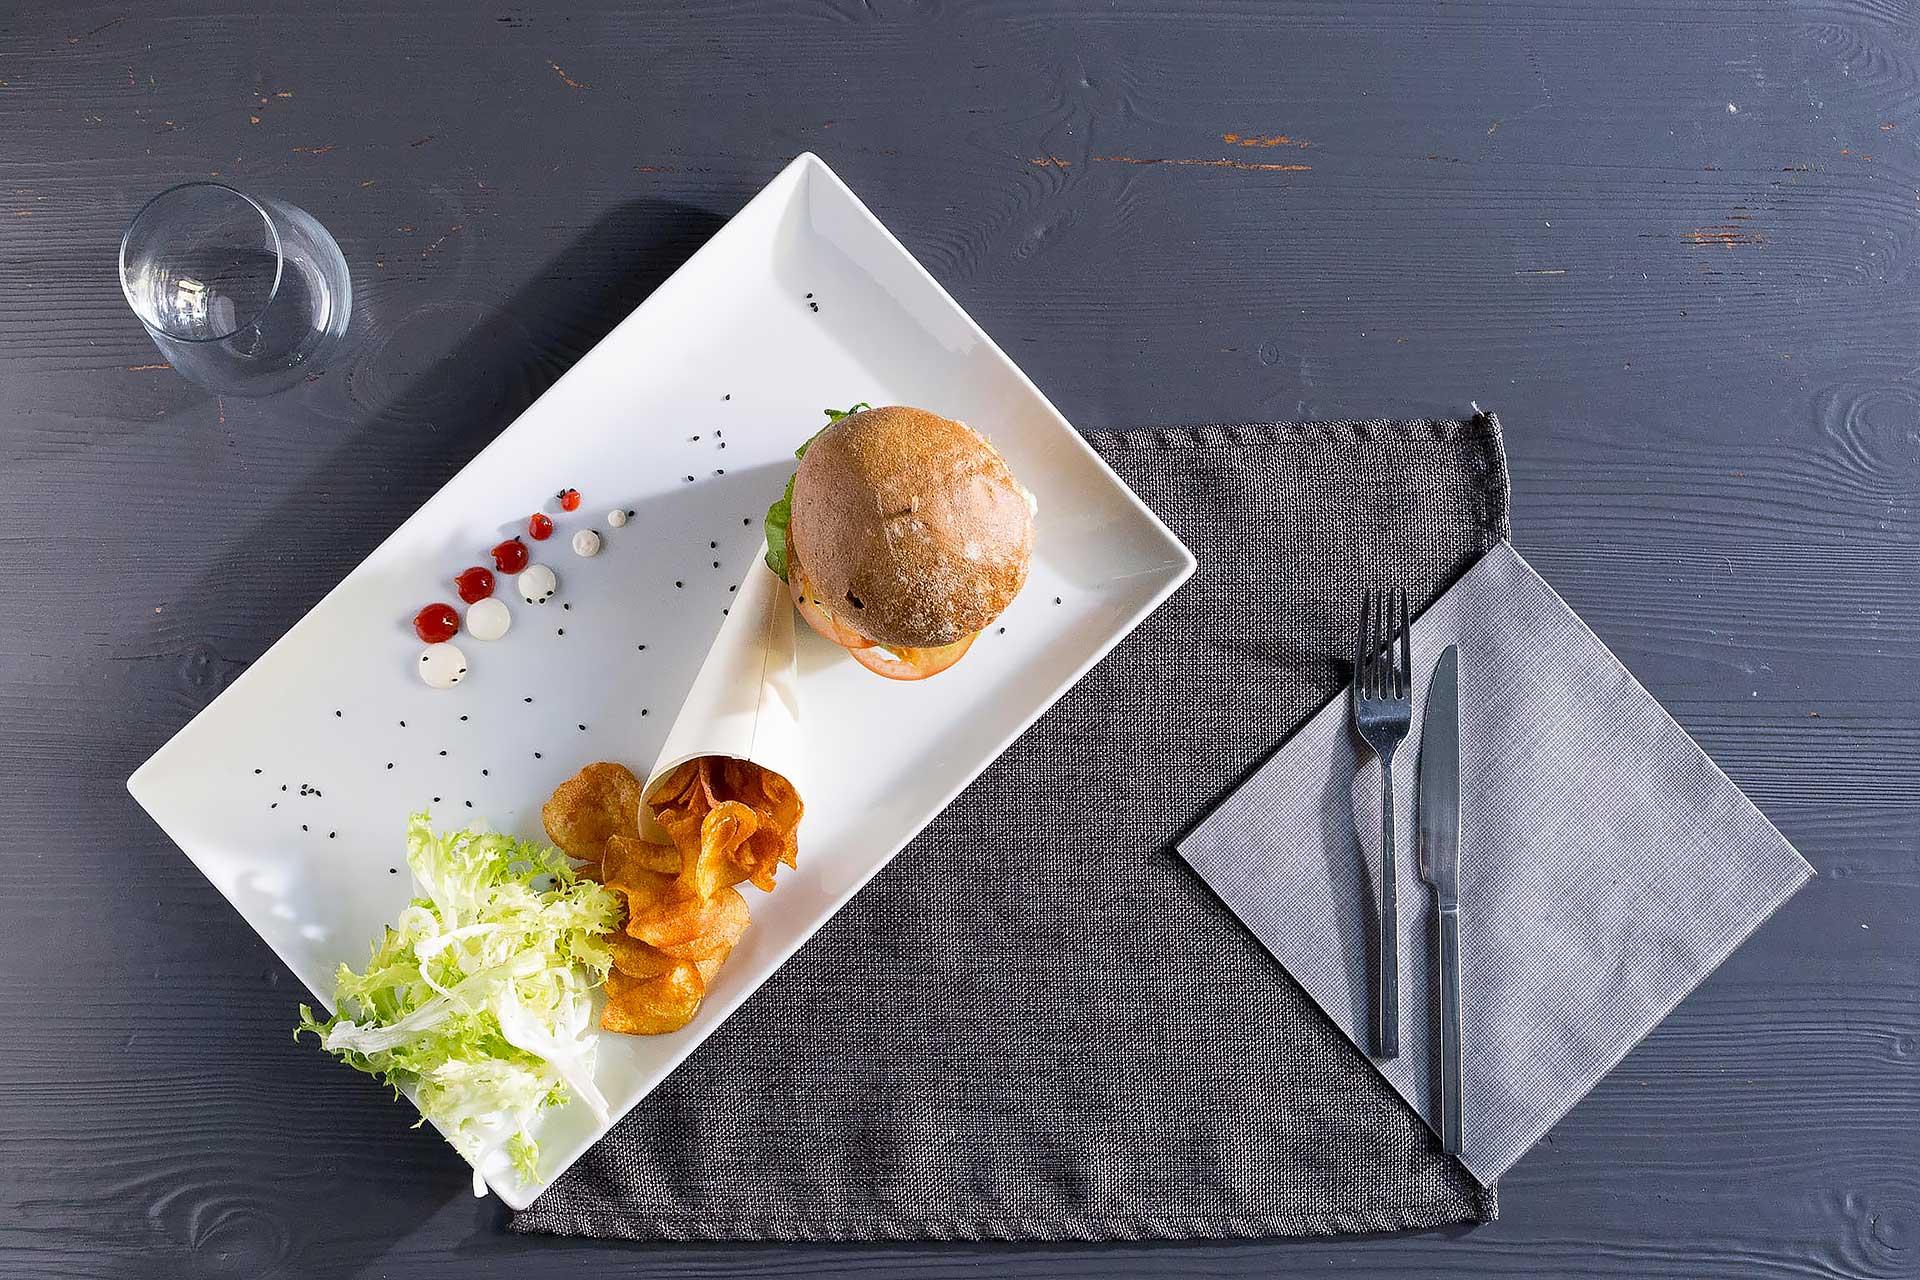 Fotografo-piatti-ristorante-Treviso-Venezia-Brescia-3_O